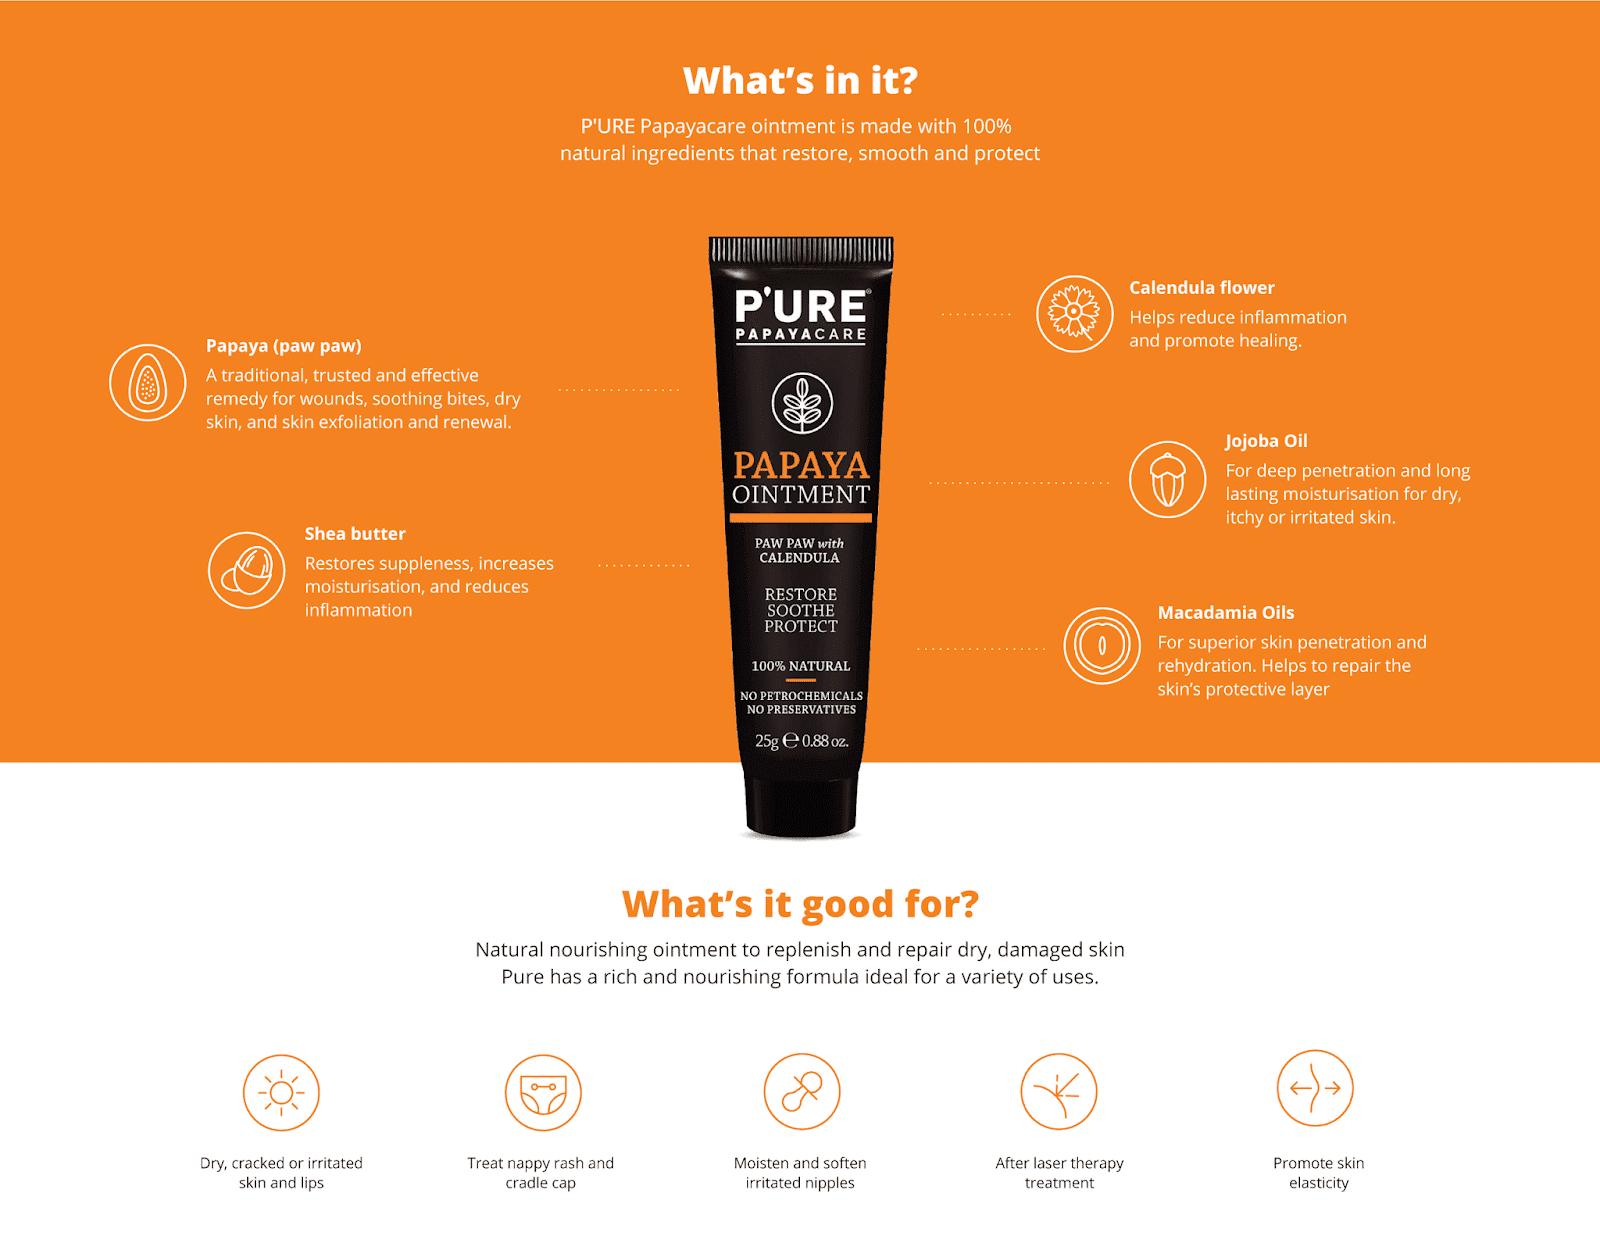 http://purepapayacare.com/pure-papaya-ointment/